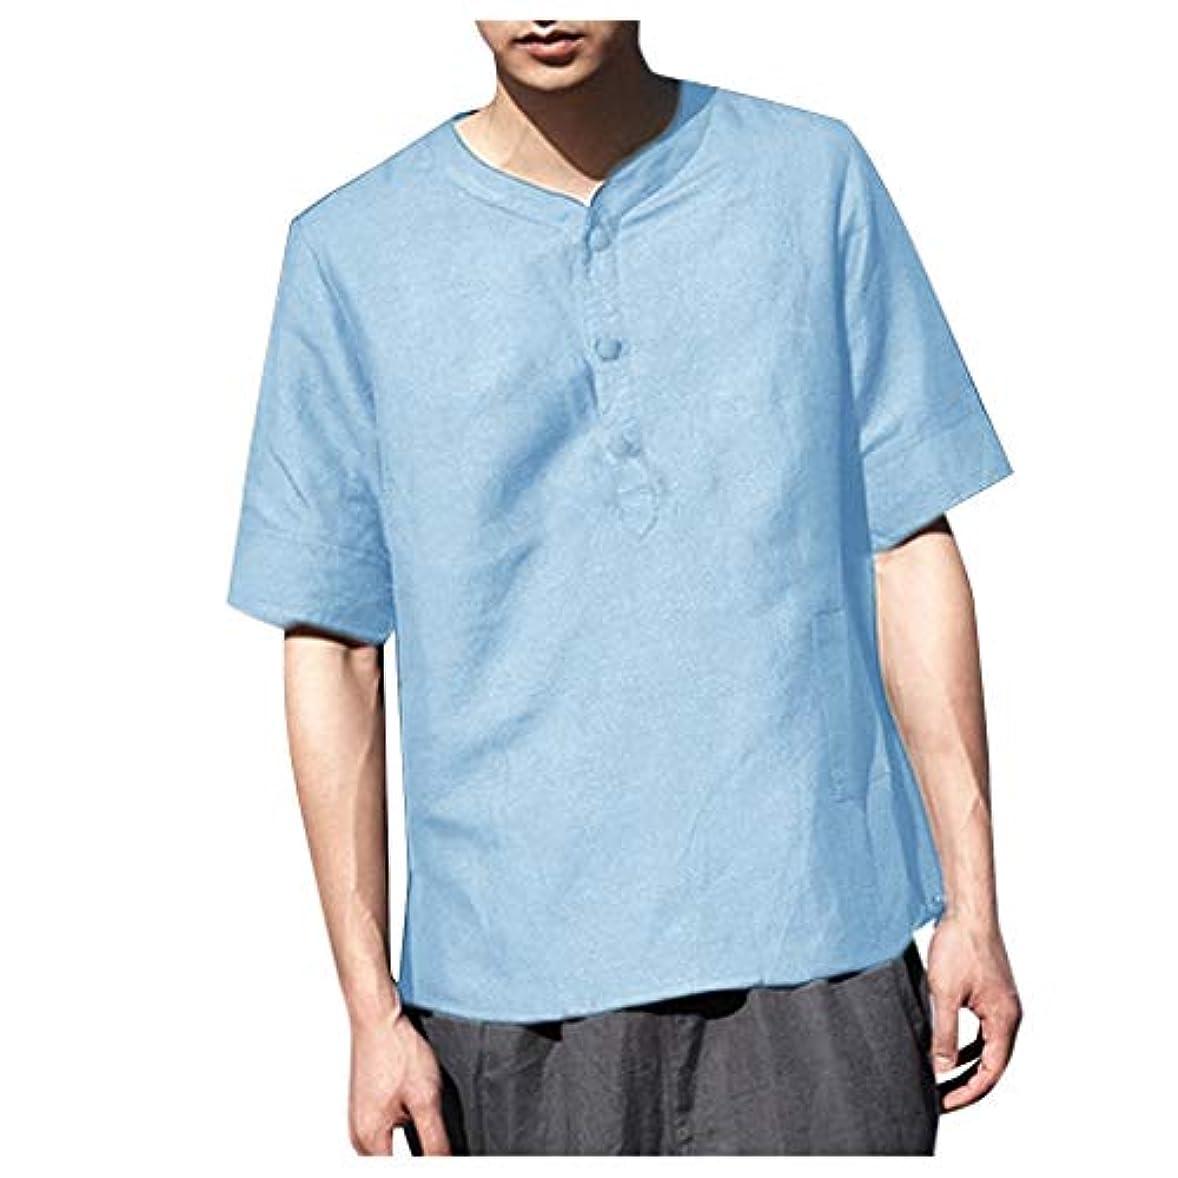 ごちそう権限を与える綺麗な男性の夏のカジュアルなクールな薄い通気性の綿半袖Tシャツメンズソリッドカラーの緩いファッションラウンドネックボタン半袖シャツ、通気性の快適なメンズ野生の綿ストレートサイズの半袖Tシャツ半袖コットン半袖Tシャツ